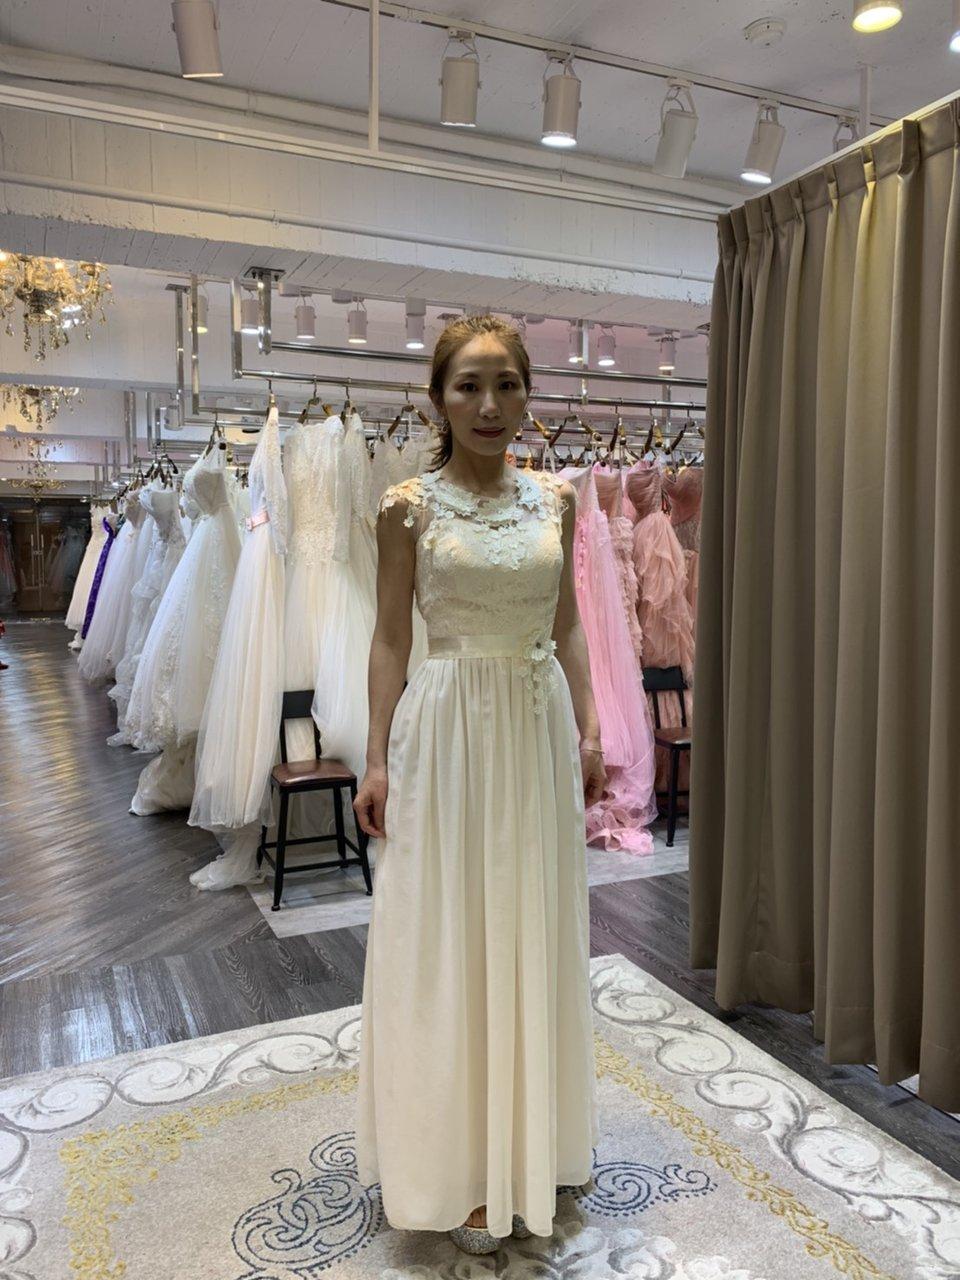 伊頓自助婚紗攝影工作室(新竹經國店),一日訂婚禮服試穿-伊頓自助婚紗-推推!